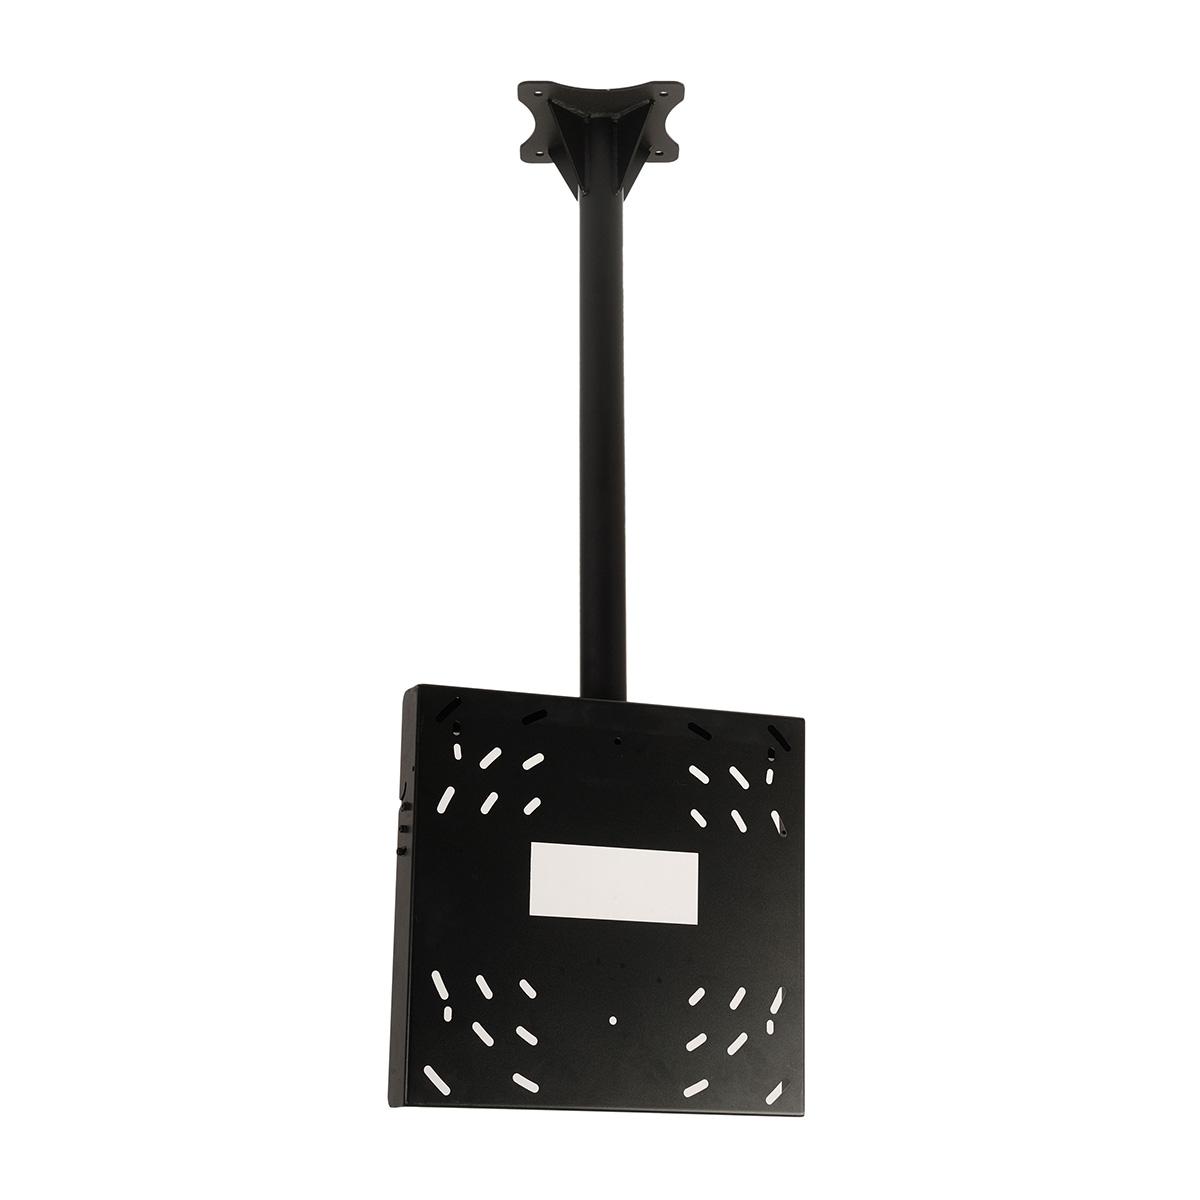 erard applik 012424 noir support plafond tv erard group sur. Black Bedroom Furniture Sets. Home Design Ideas